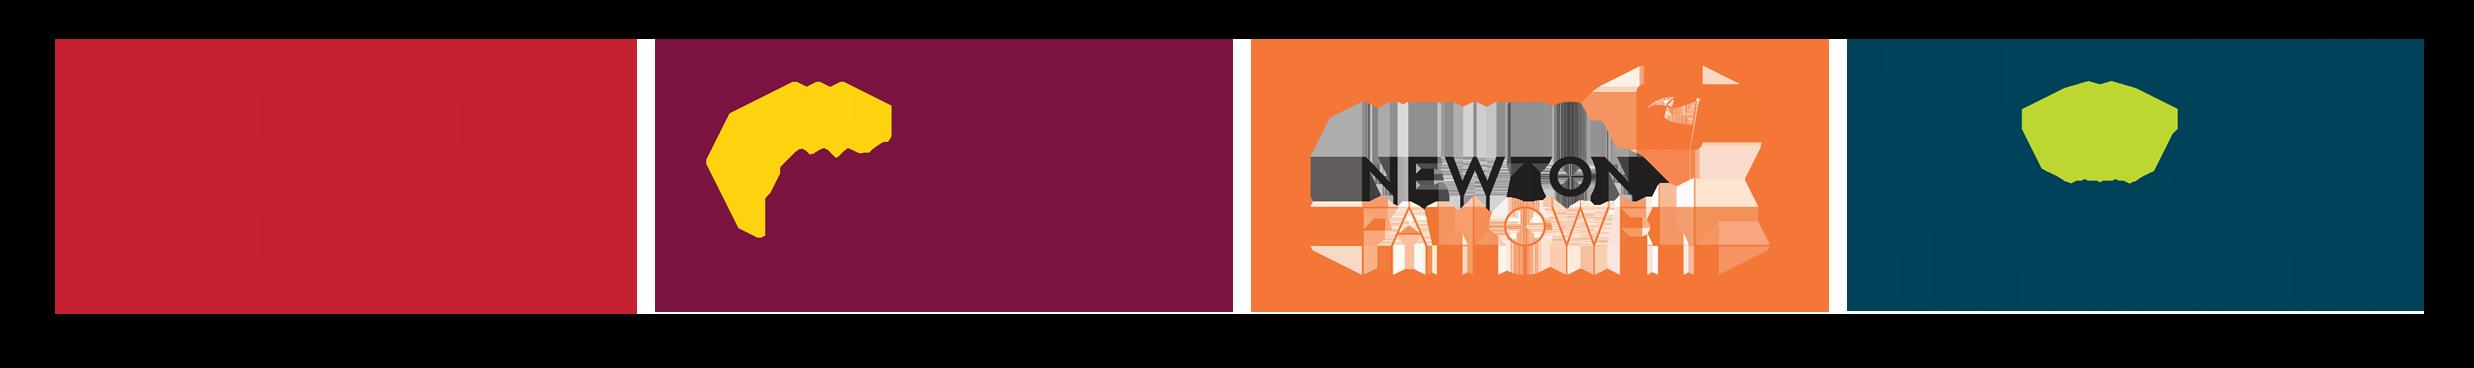 Belvoir Group logos